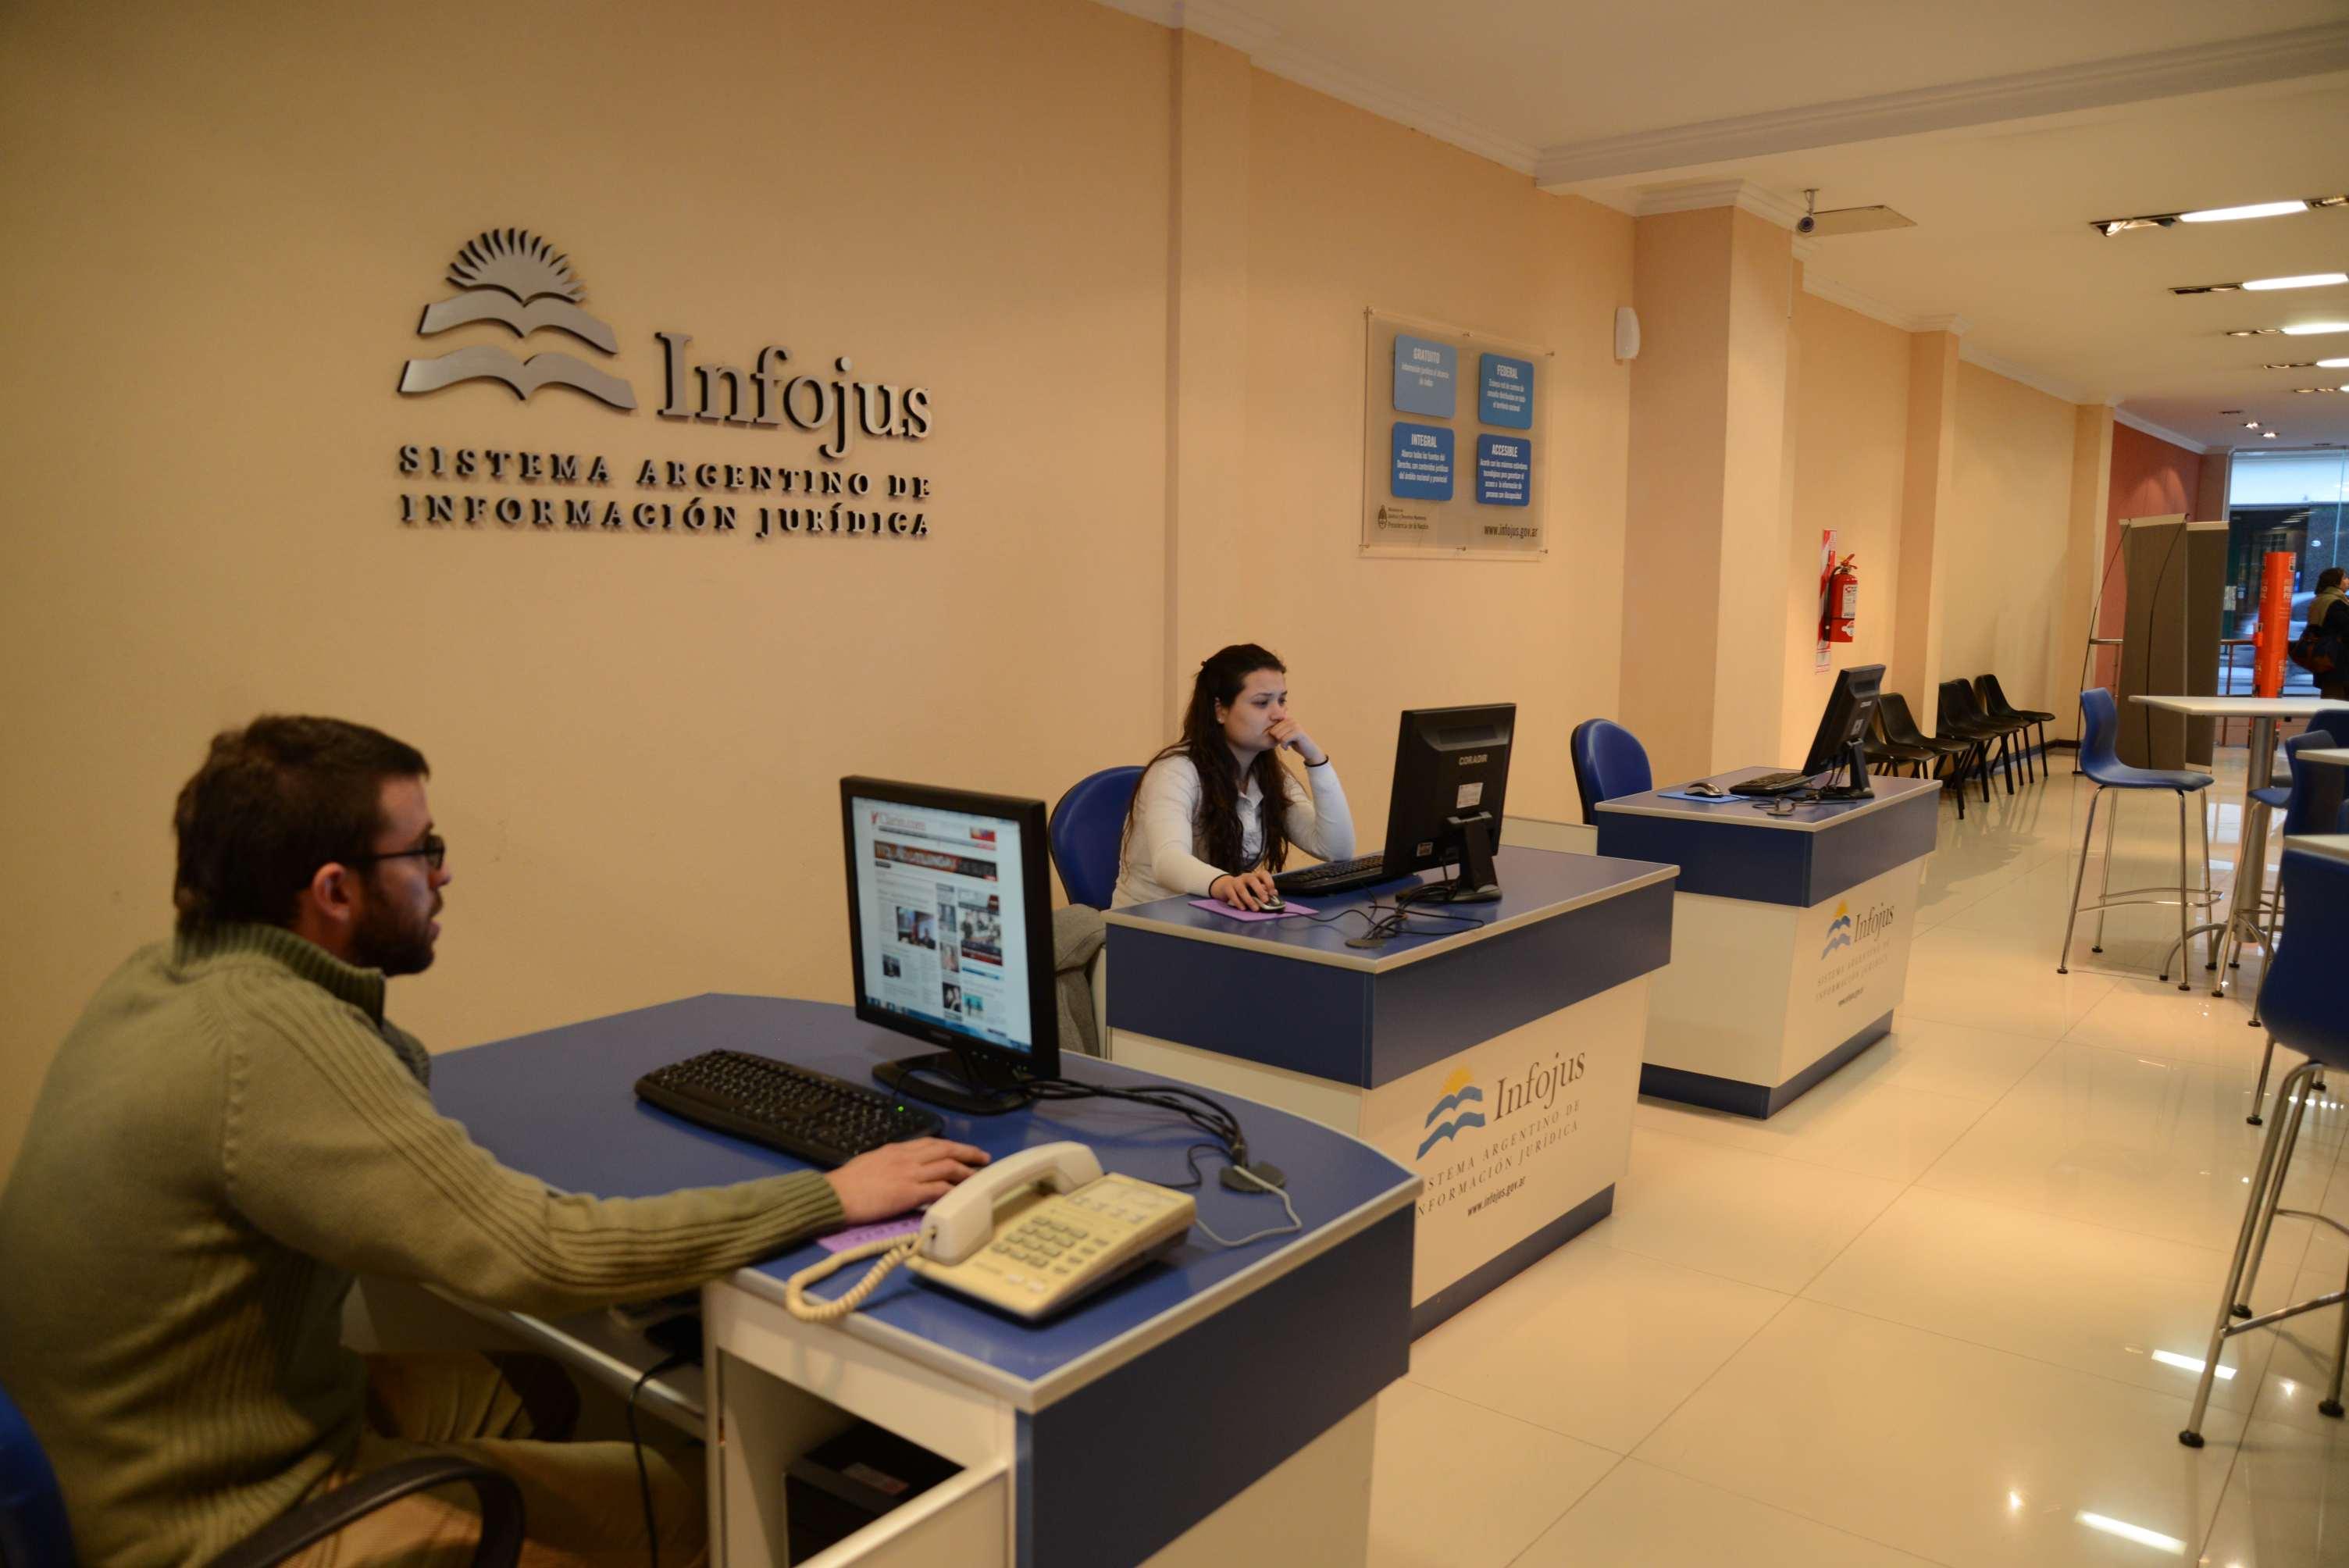 Se inauguró un nuevo Centro de Consulta de Infojus